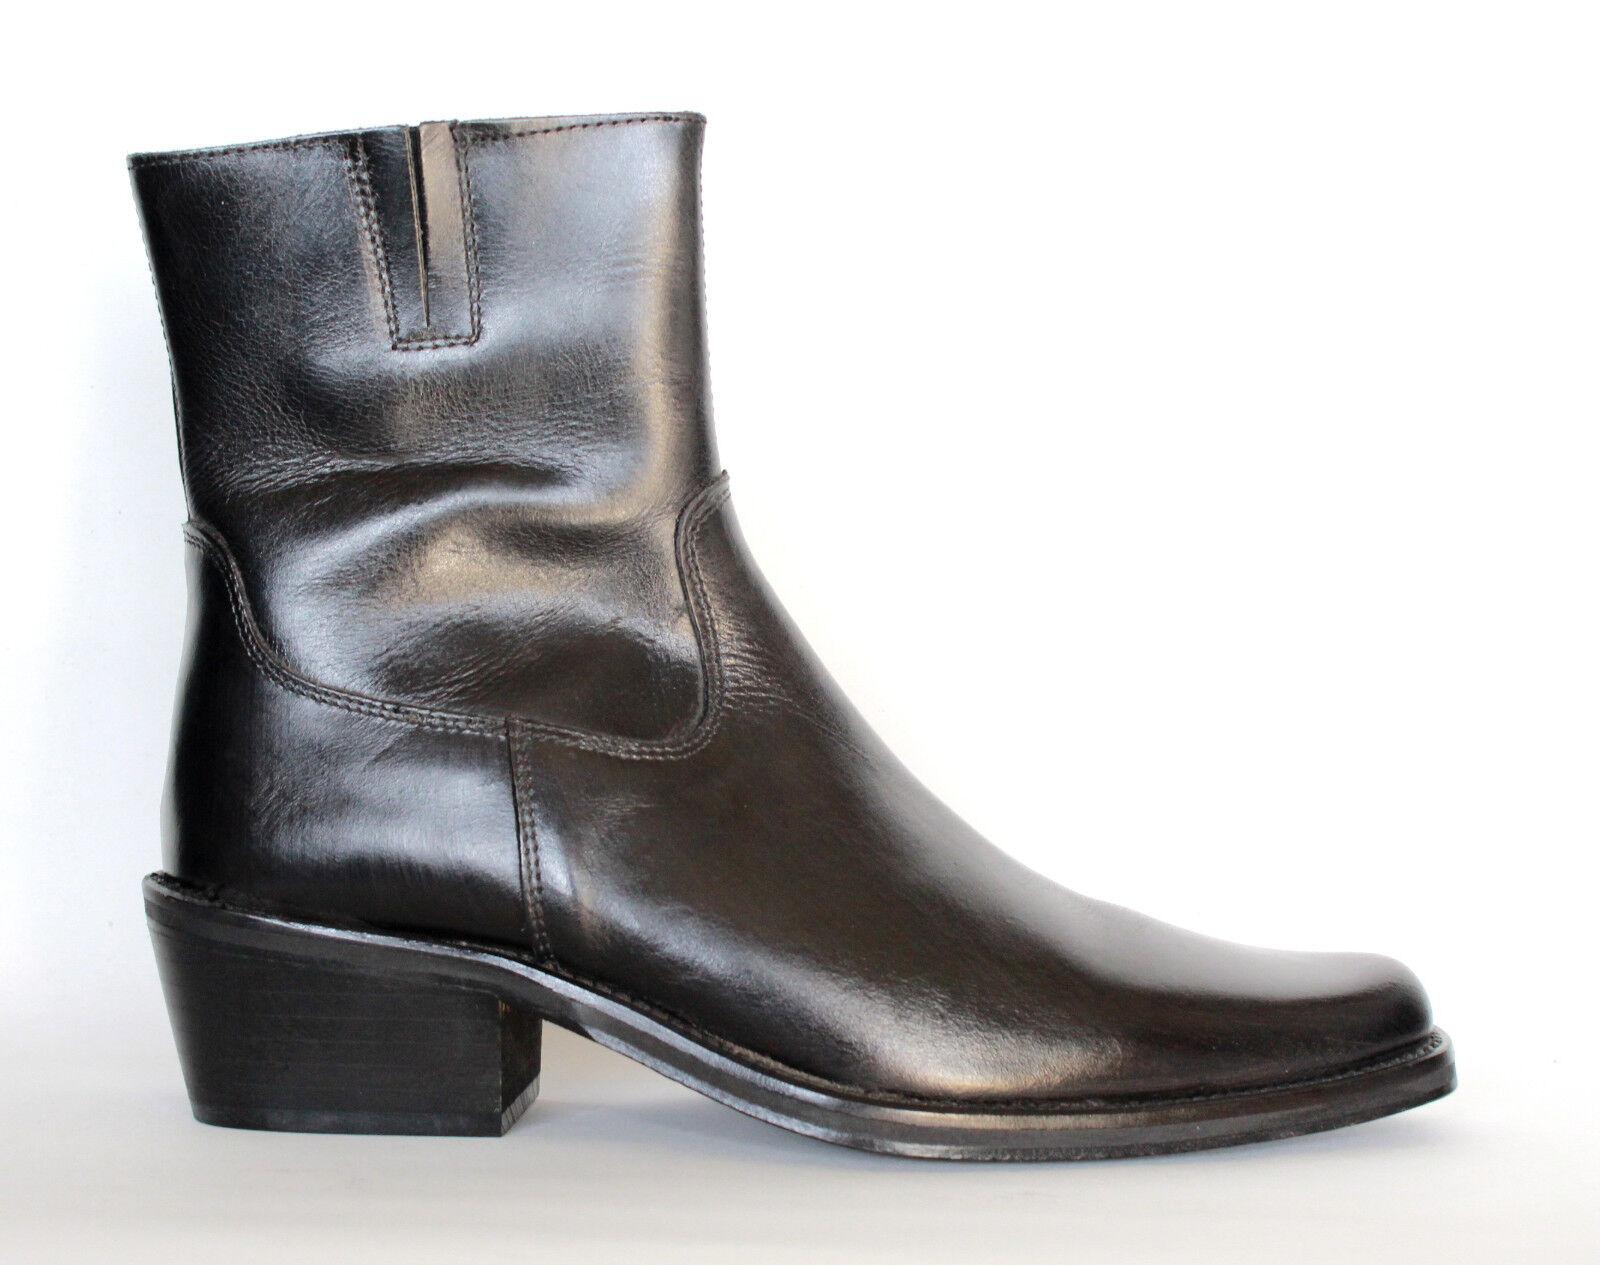 Elegante TG stivali scarpe invernali TG Elegante 37 38 39 40 41 nero stivali autunno primavera d2decc